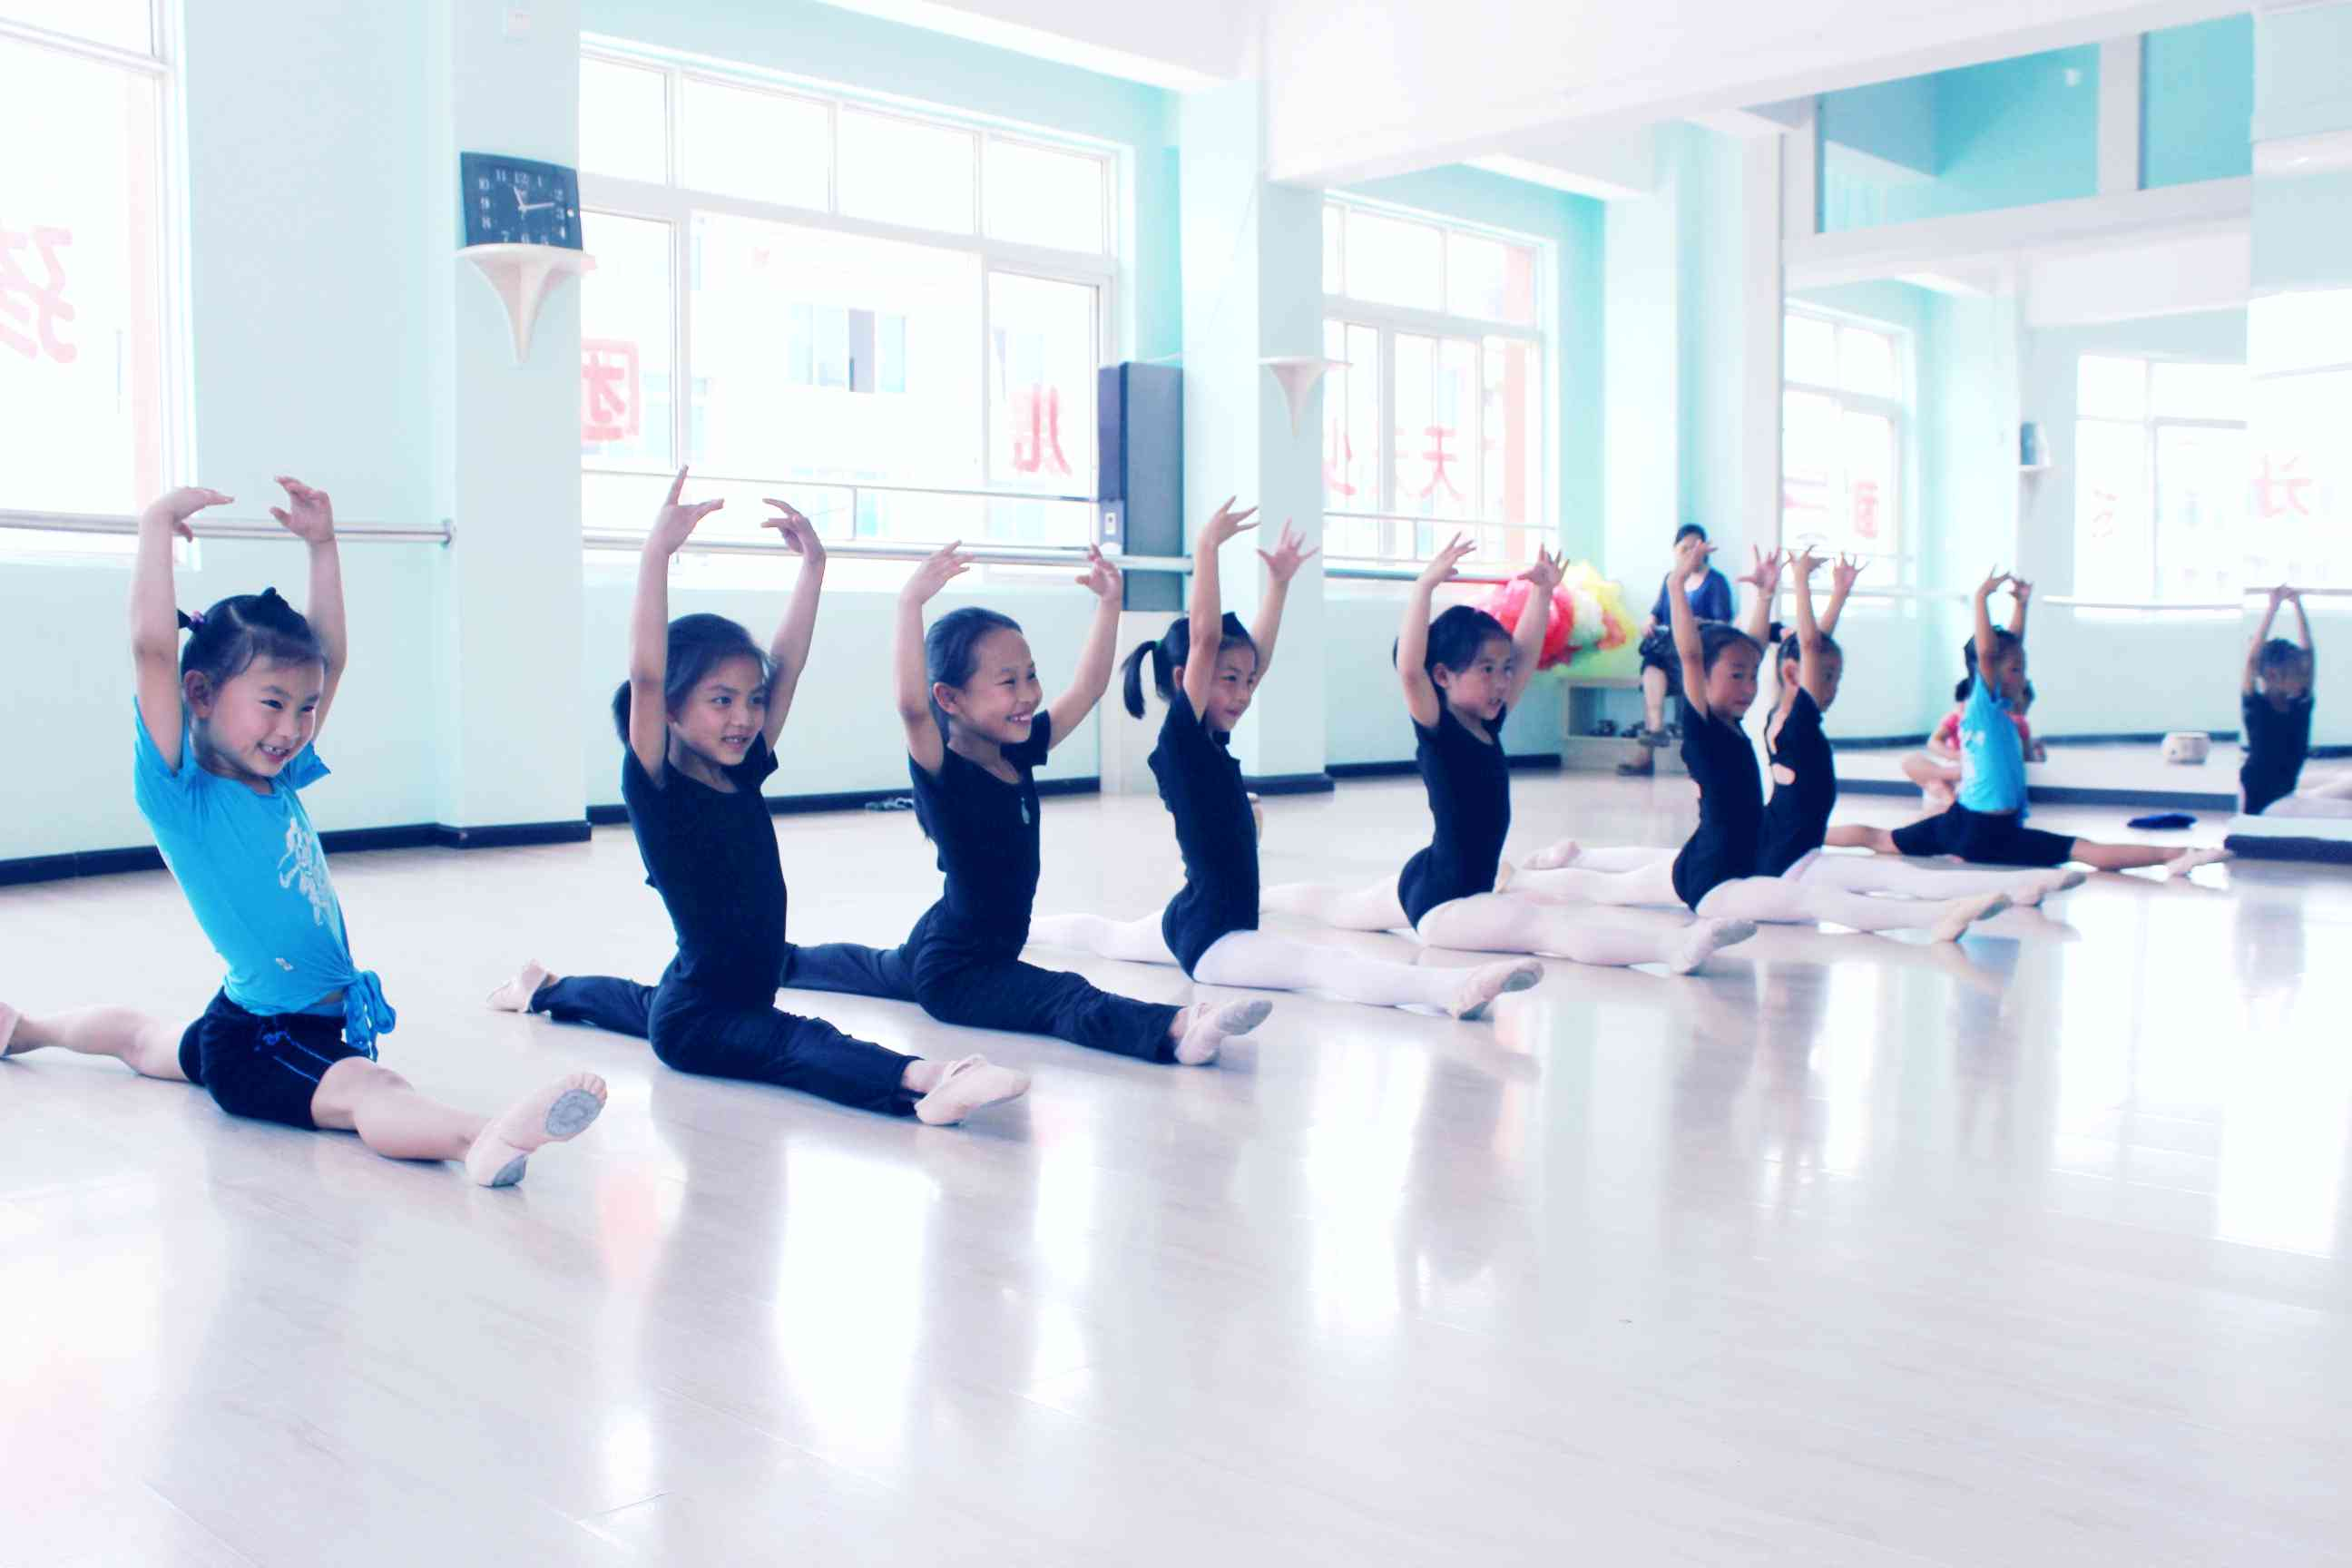 教学舞蹈备课备?音乐小白船课后反思图片